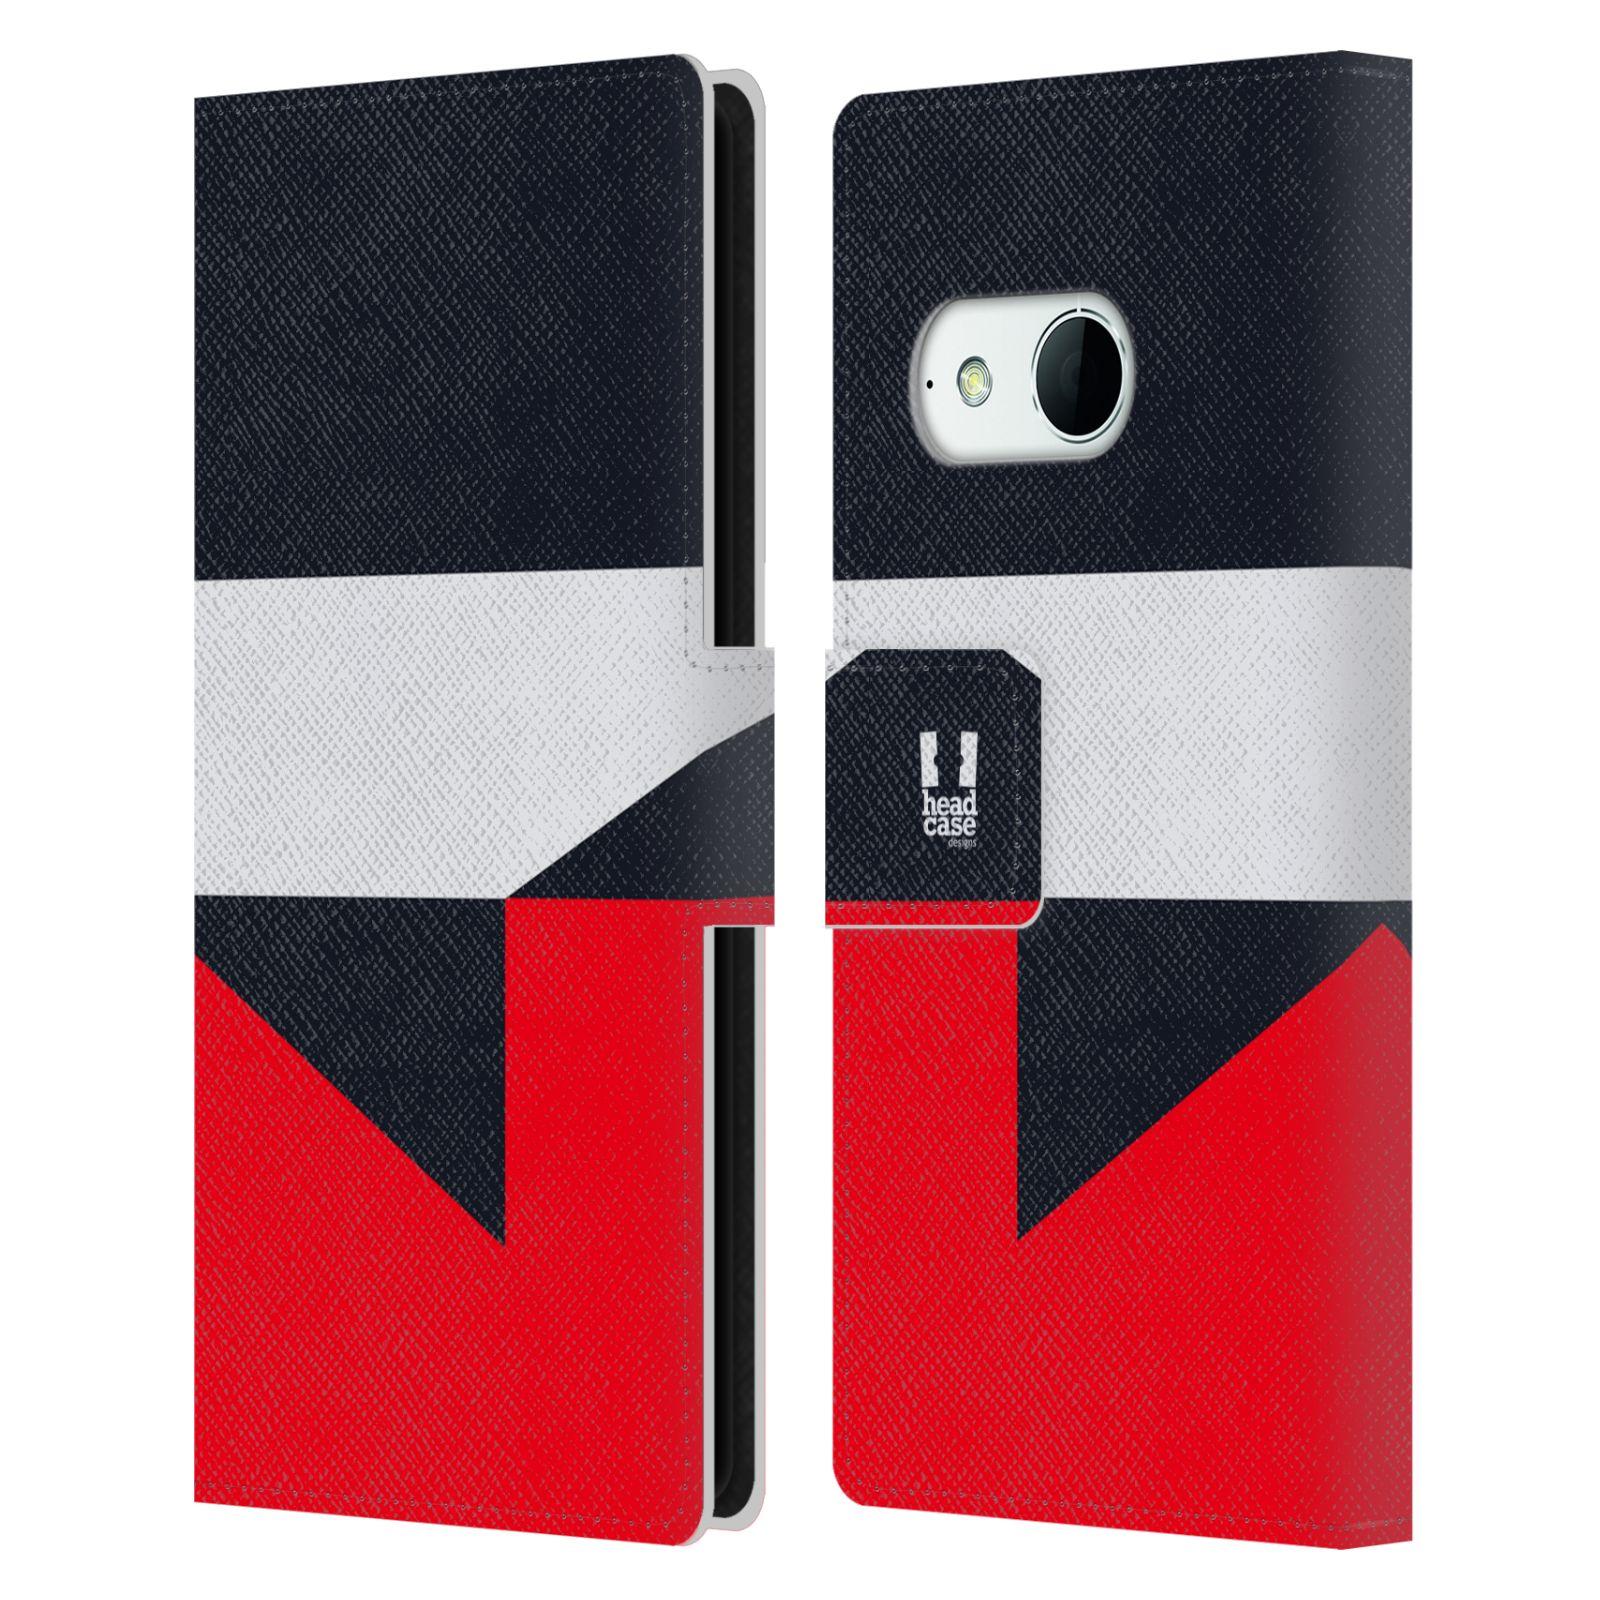 HEAD CASE Flipové pouzdro pro mobil HTC ONE MINI 2 barevné tvary černá a červená gejša